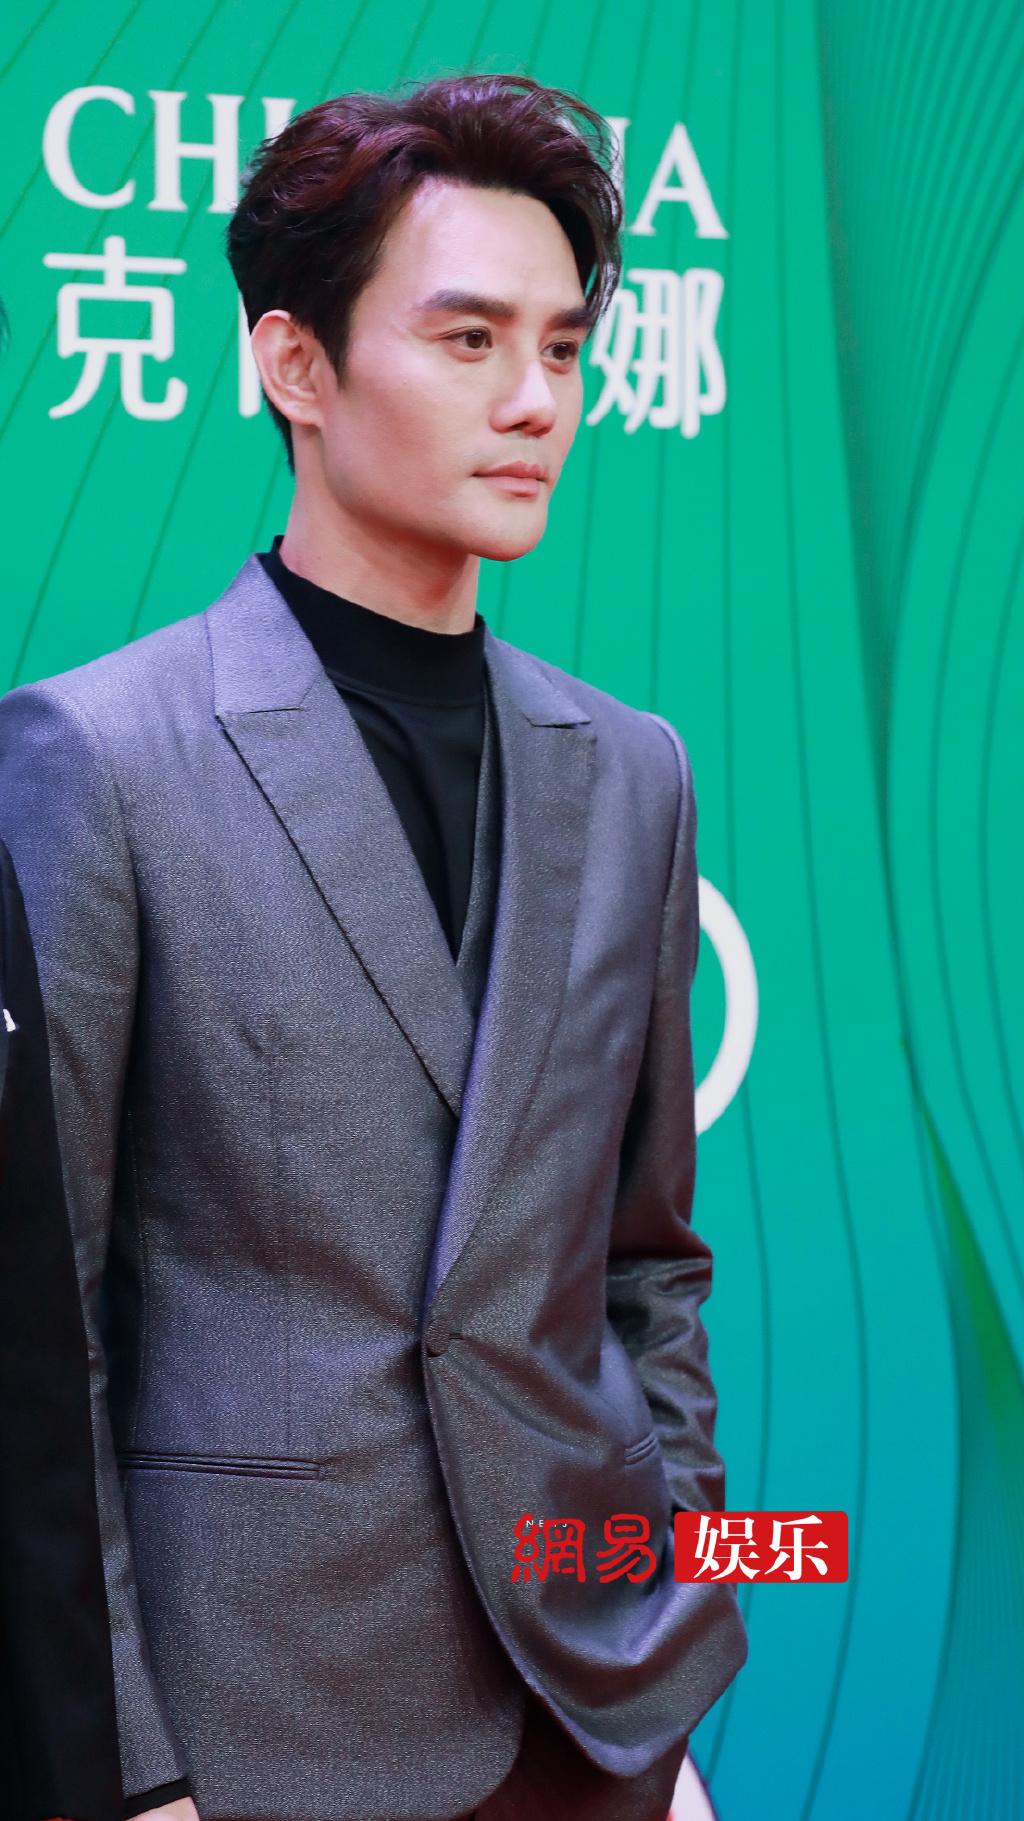 Hứa Khải là nam diễn viên thực lực của làng giải trí Trung Quốc, luôn đảm nhận những vai diễn đầy sức nặng.